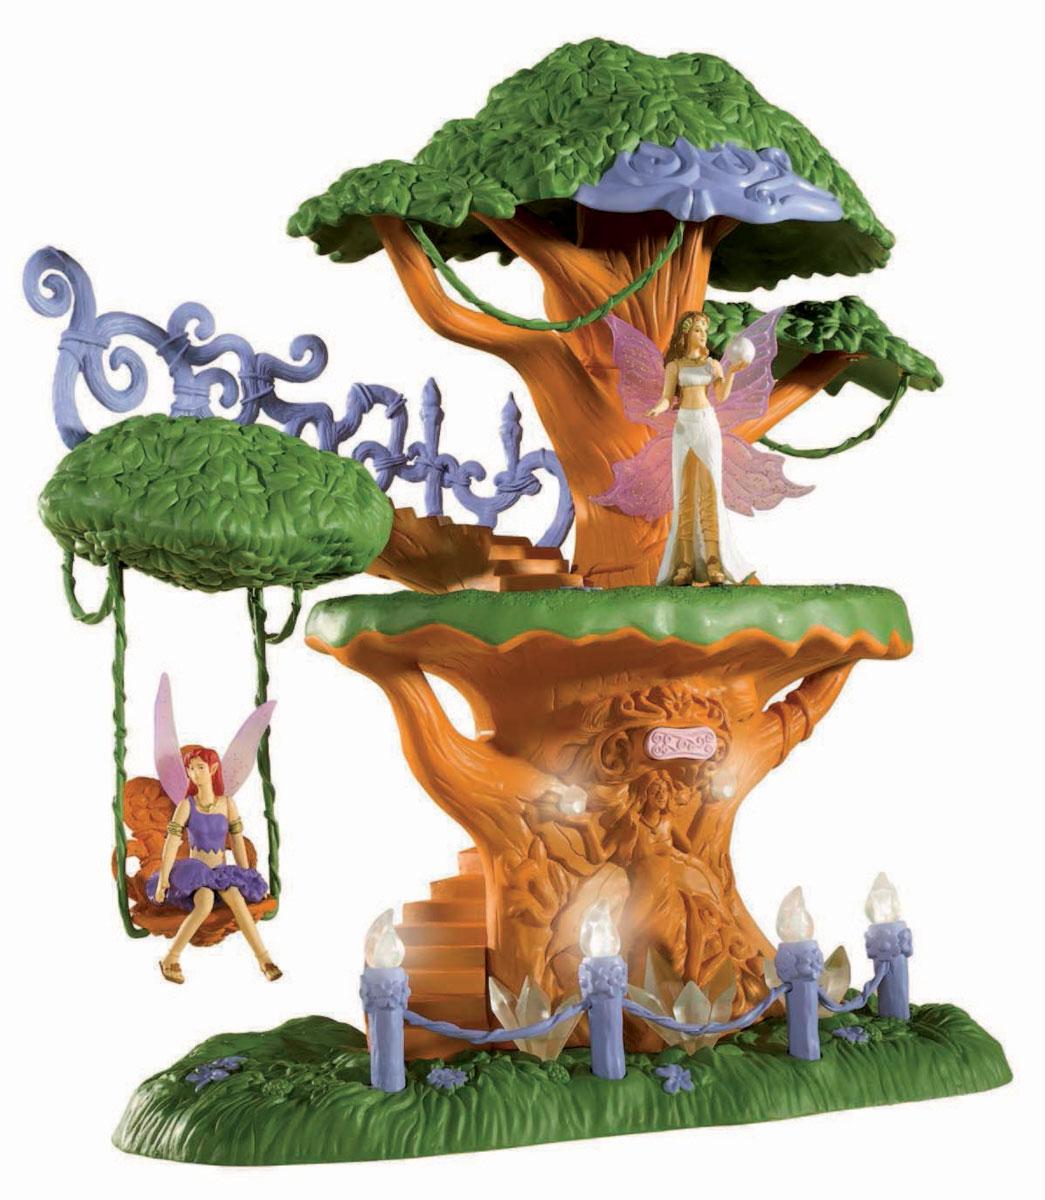 Simba Игровой набор Magic Fairies Дом на дереве4417760Игровой набор Magic Fairies Дом на дереве надолго займет внимание вашей малышки и подарит ей множество счастливых мгновений. Набор состоит из пластикового дерева с лесенками и качелями, на которых так нравится раскачиваться волшебным феям. Дерево декорировано большими прозрачными кристаллами и заборчиком с огоньками. Если нажать на специальную кнопку на дереве, загорятся волшебные огоньки на заборчике и на самом дереве. В наборе также имеются две фигурки фей. Одна из фигурок с крылышками и в белом длинном платье. Вторая фея в коротком фиолетовом платье отдыхает на качелях. Благодаря играм с куклами или фигурками, ваша малышка сможет развить фантазию и любознательность, овладеть навыками общения и научиться ответственности, а дополнительные аксессуары сделают игру еще увлекательнее. Порадуйте свою принцессу таким прекрасным подарком! Для работы необходимо докупить 2 батарейки 1,5V типа АА (комплектуется демонстрационными).